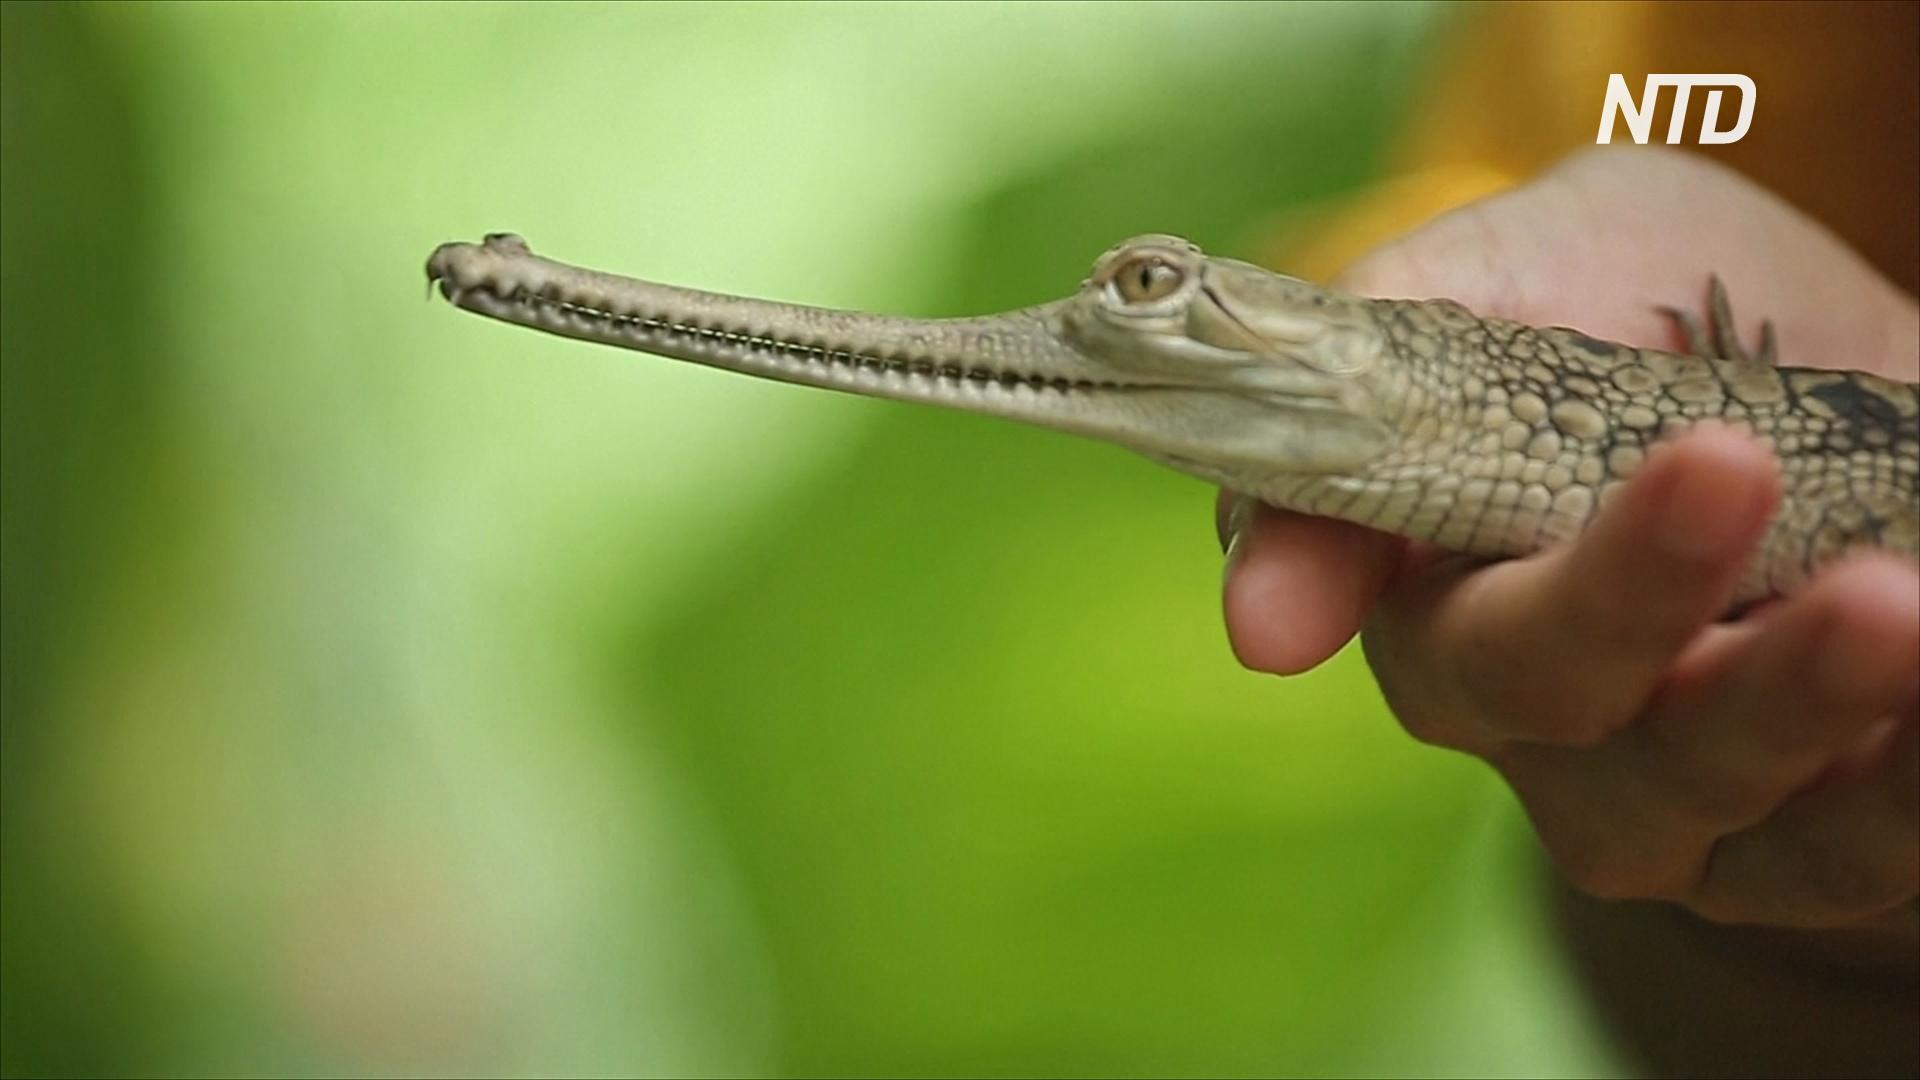 Сбор пожертвований и ролики на YouTube: как выживает парк крокодилов в Индии